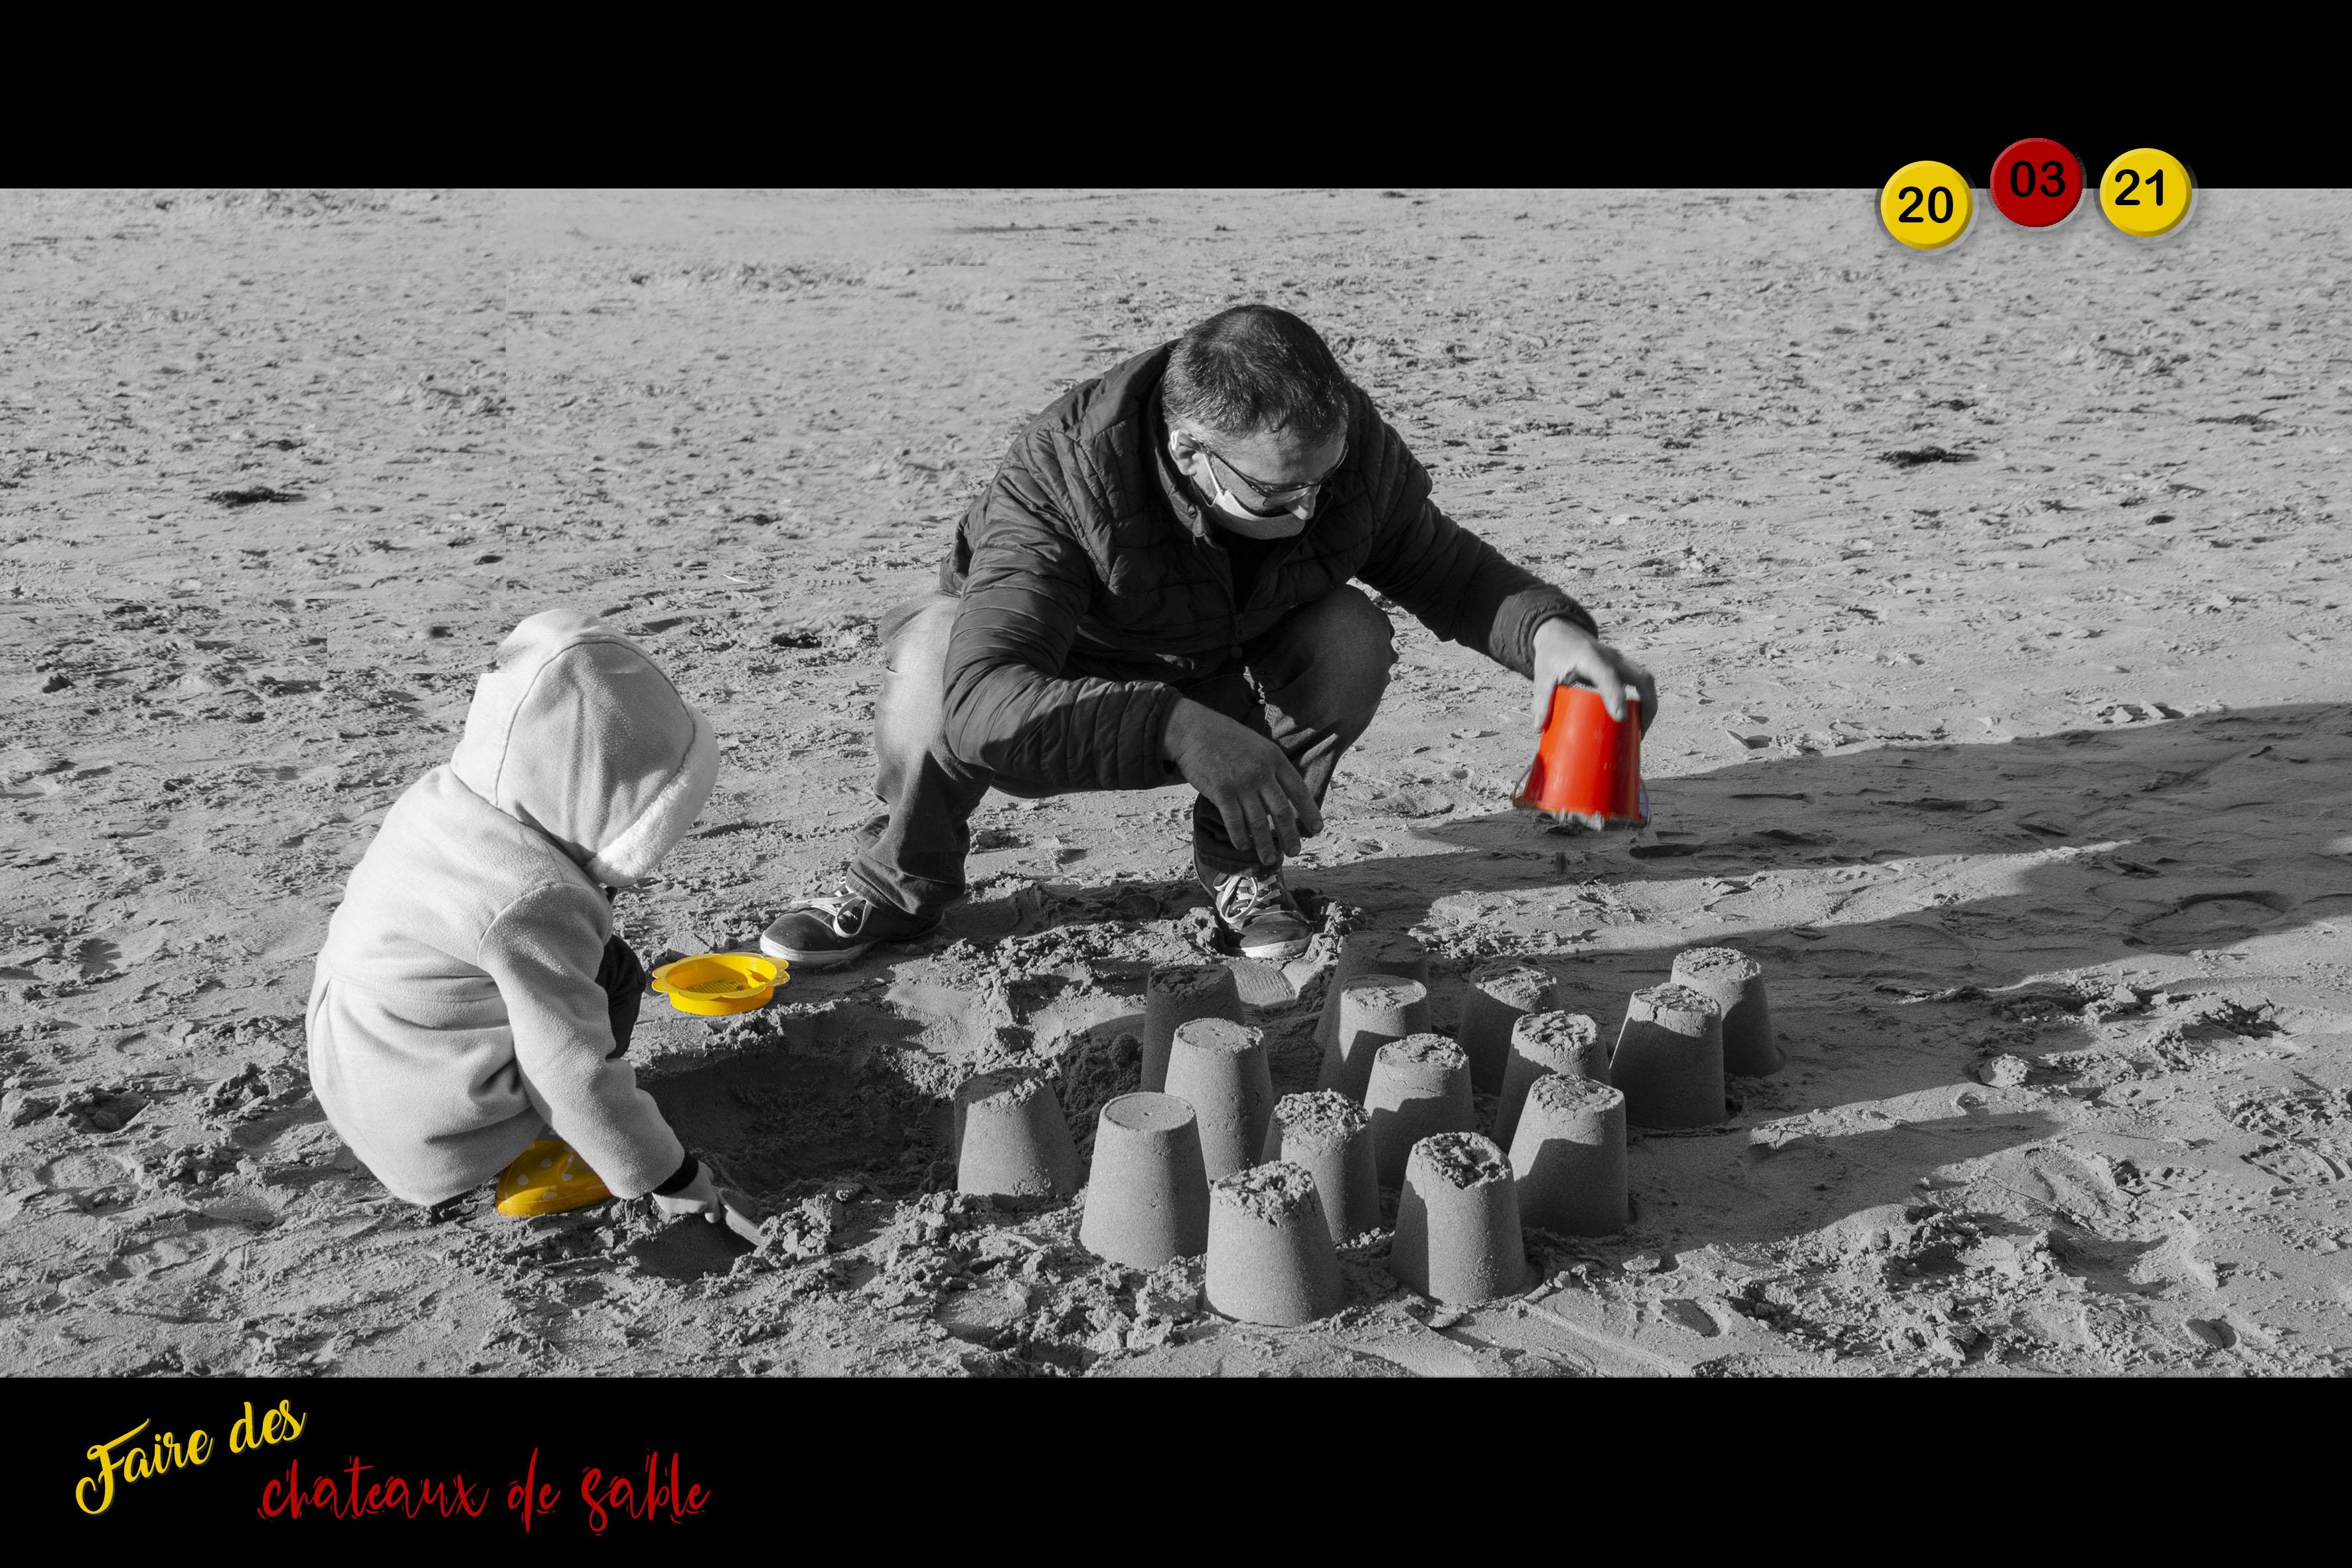 1_Chateaux-de-sable